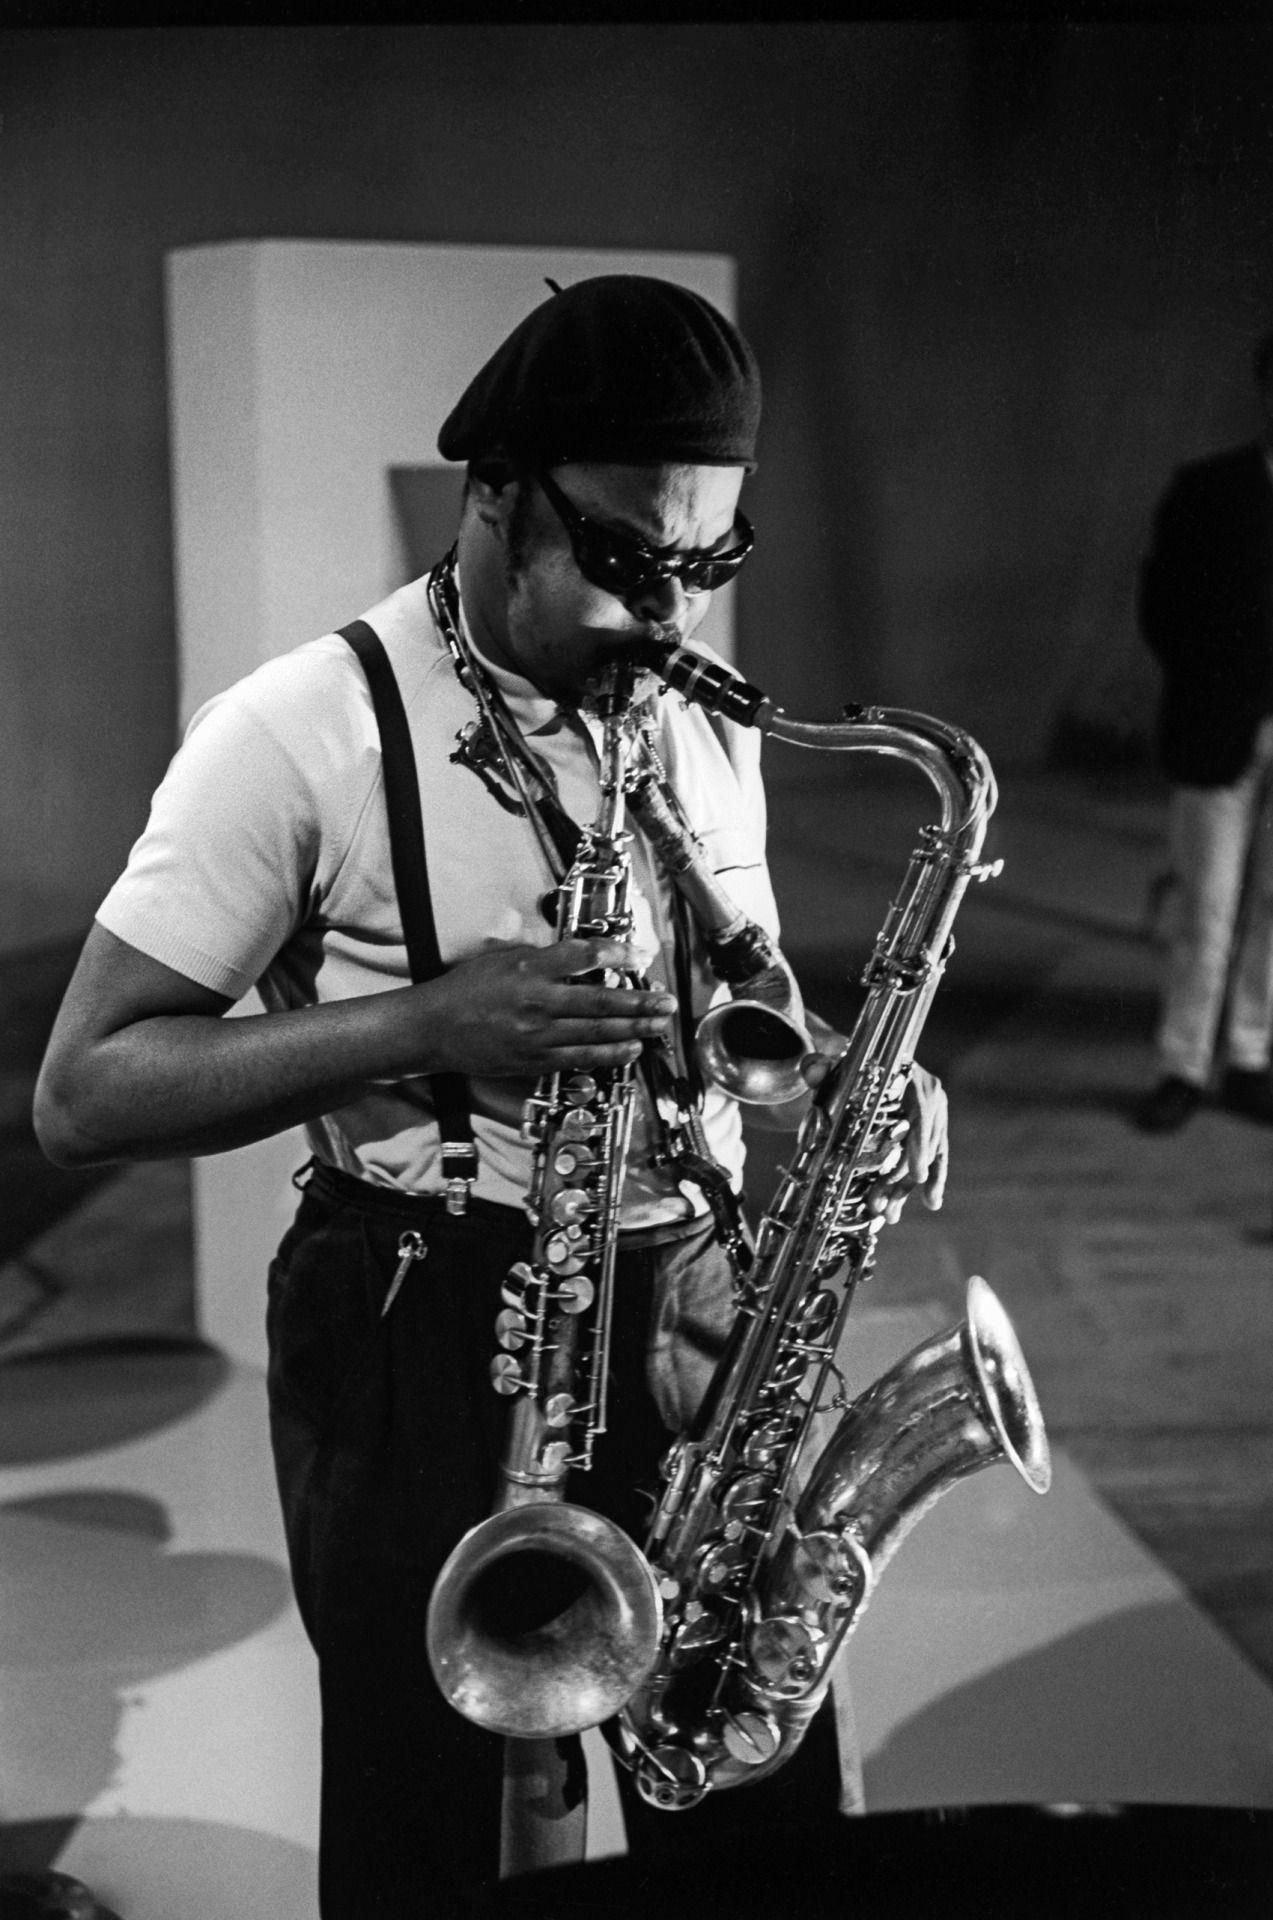 Rahsaan Roland Kirk | Jazz artists, Jazz musicians, Jazz blues